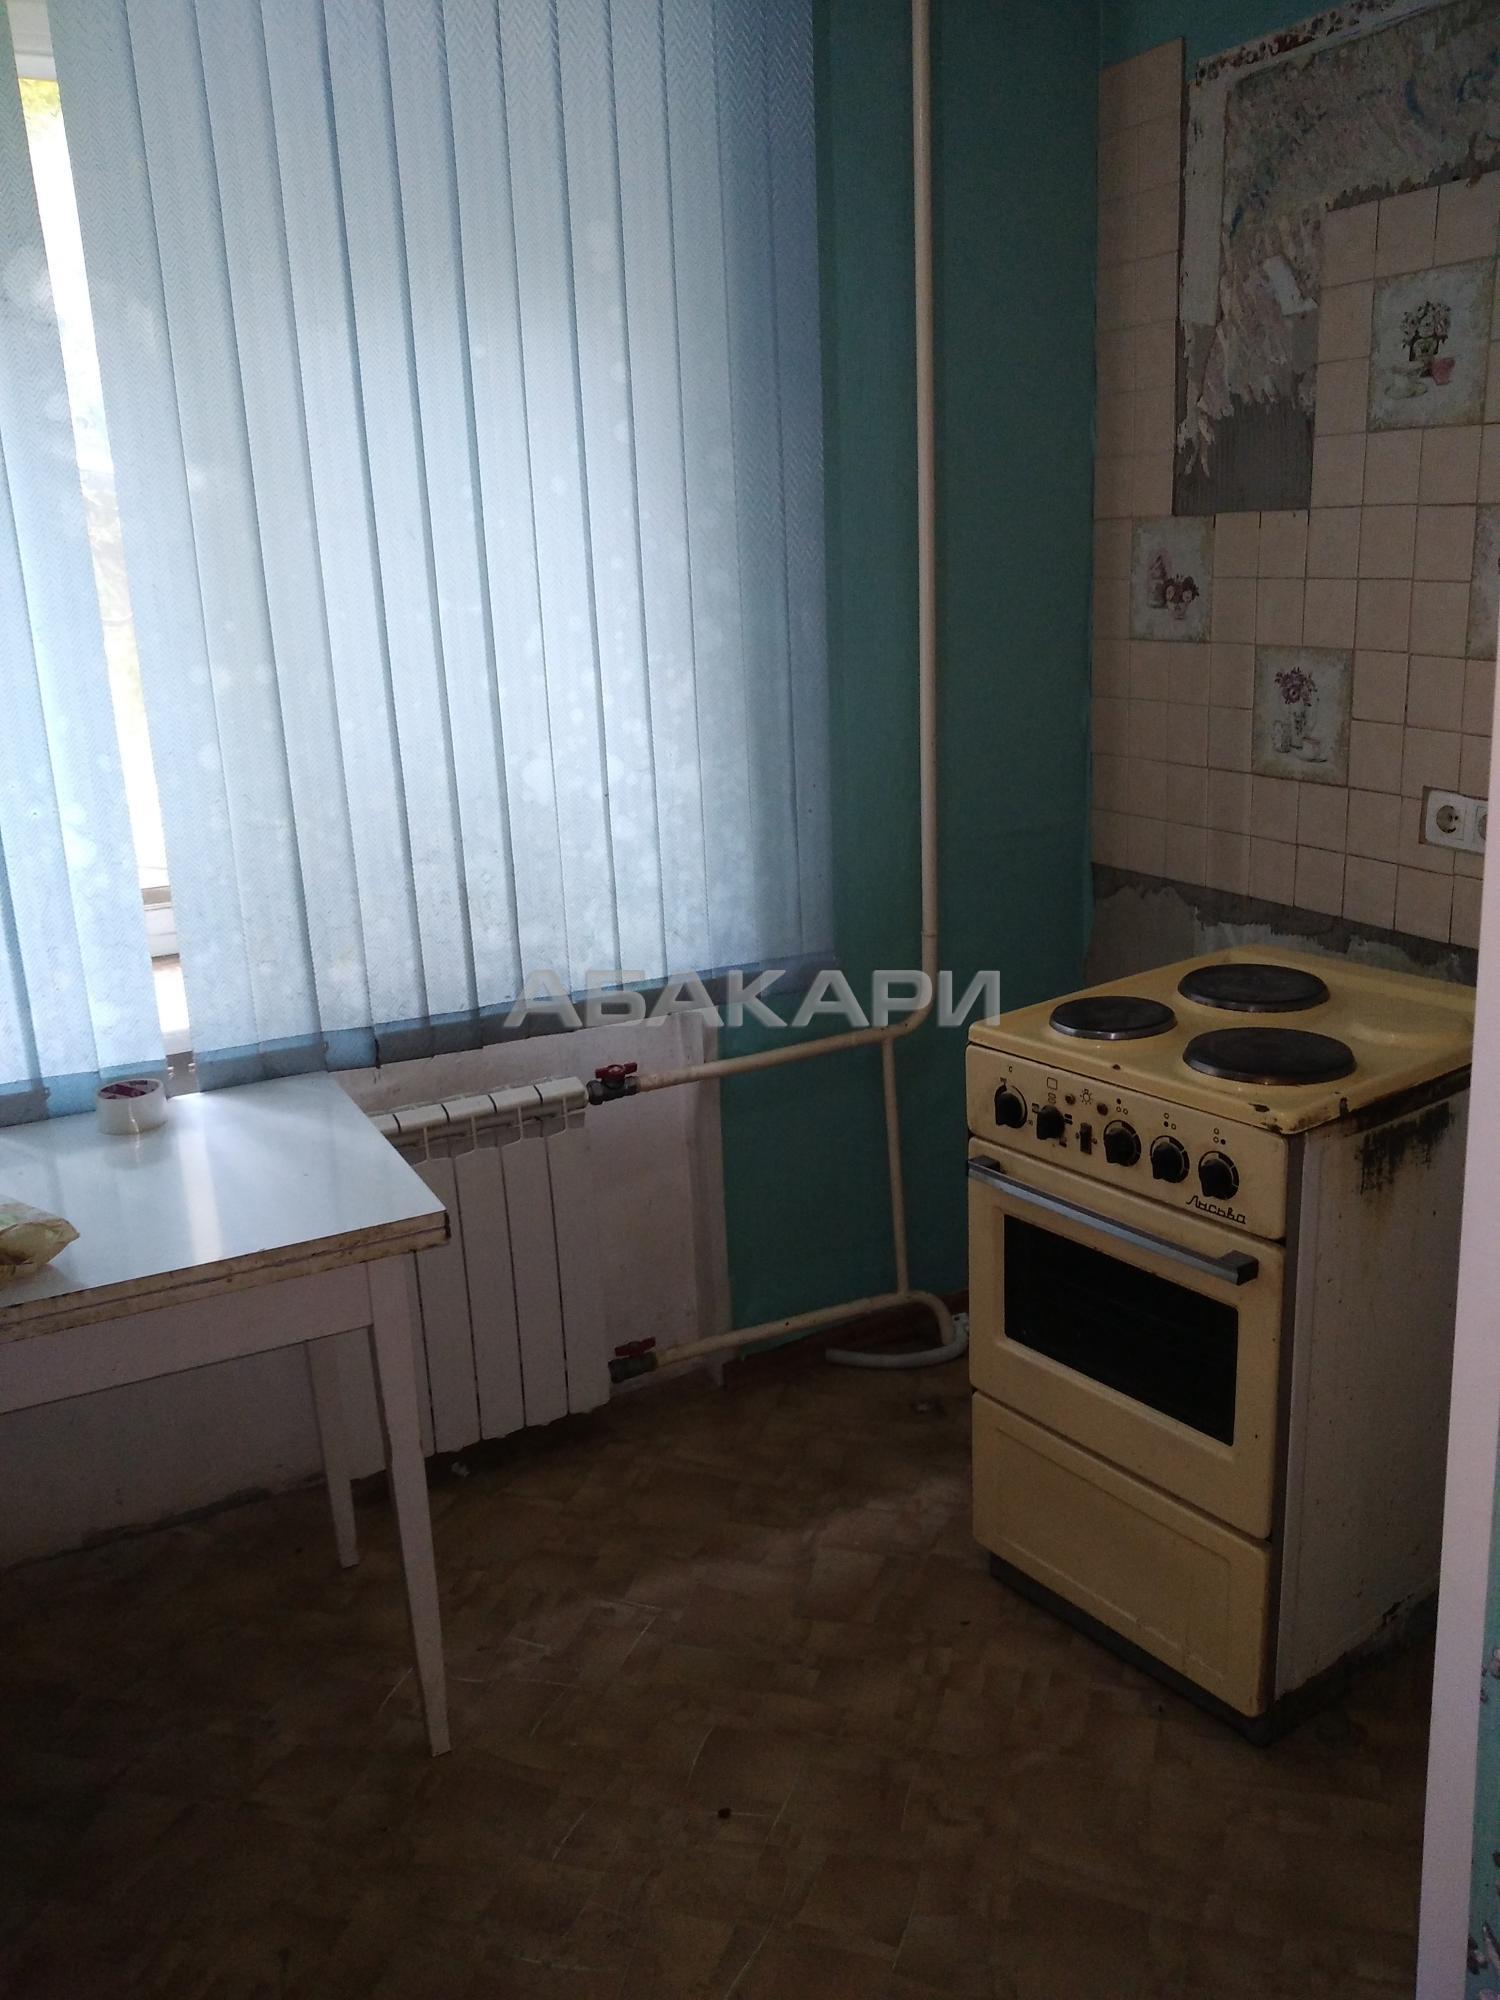 1к квартира Парашютная улица, 23 | 13000 | аренда в Красноярске фото 1